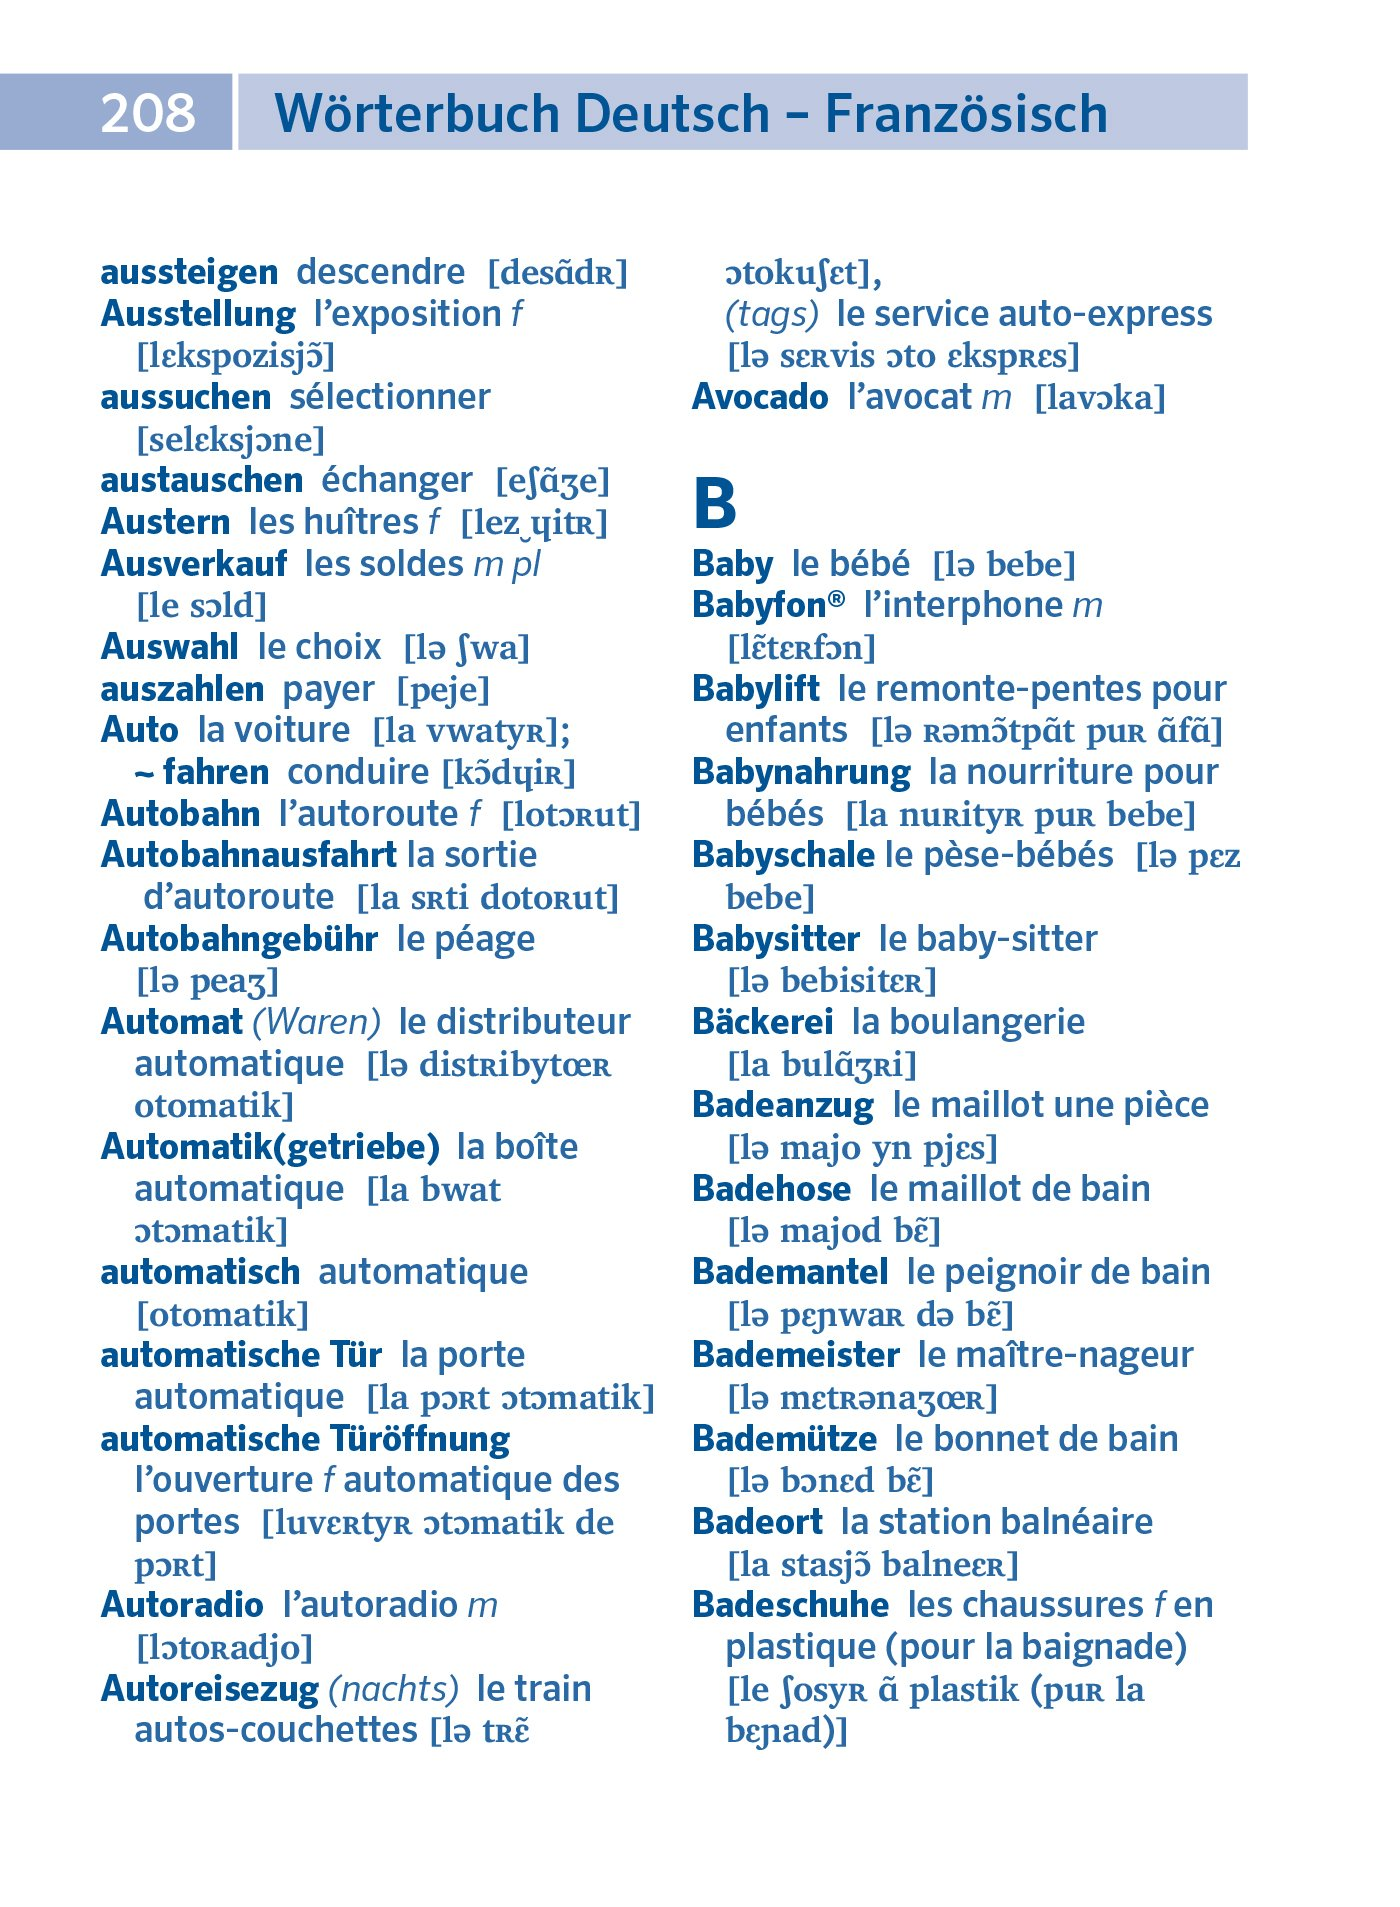 übersetzer französisch deutsch sätze